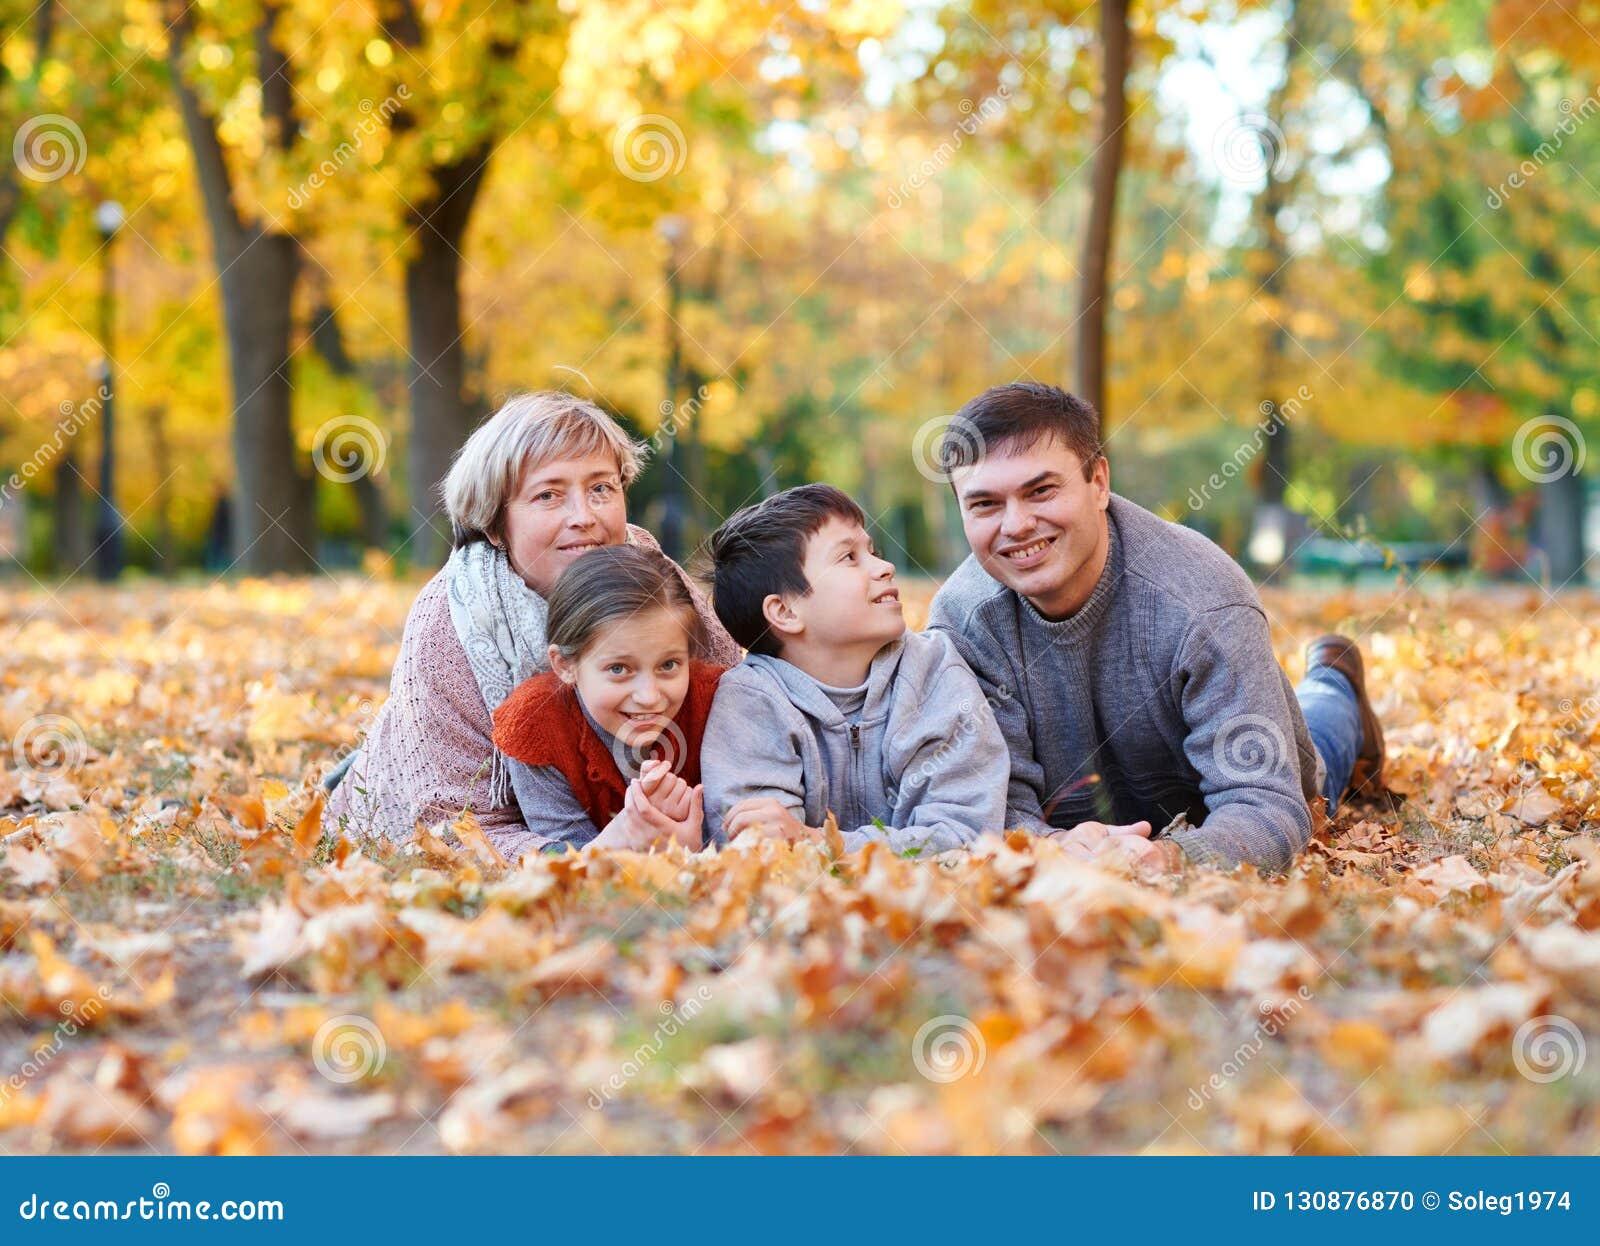 Glückliche Familie liegt im Herbststadtpark auf gefallenen Blättern Kinder und Eltern, die Spaß aufwerfen, lächeln, spielen und h